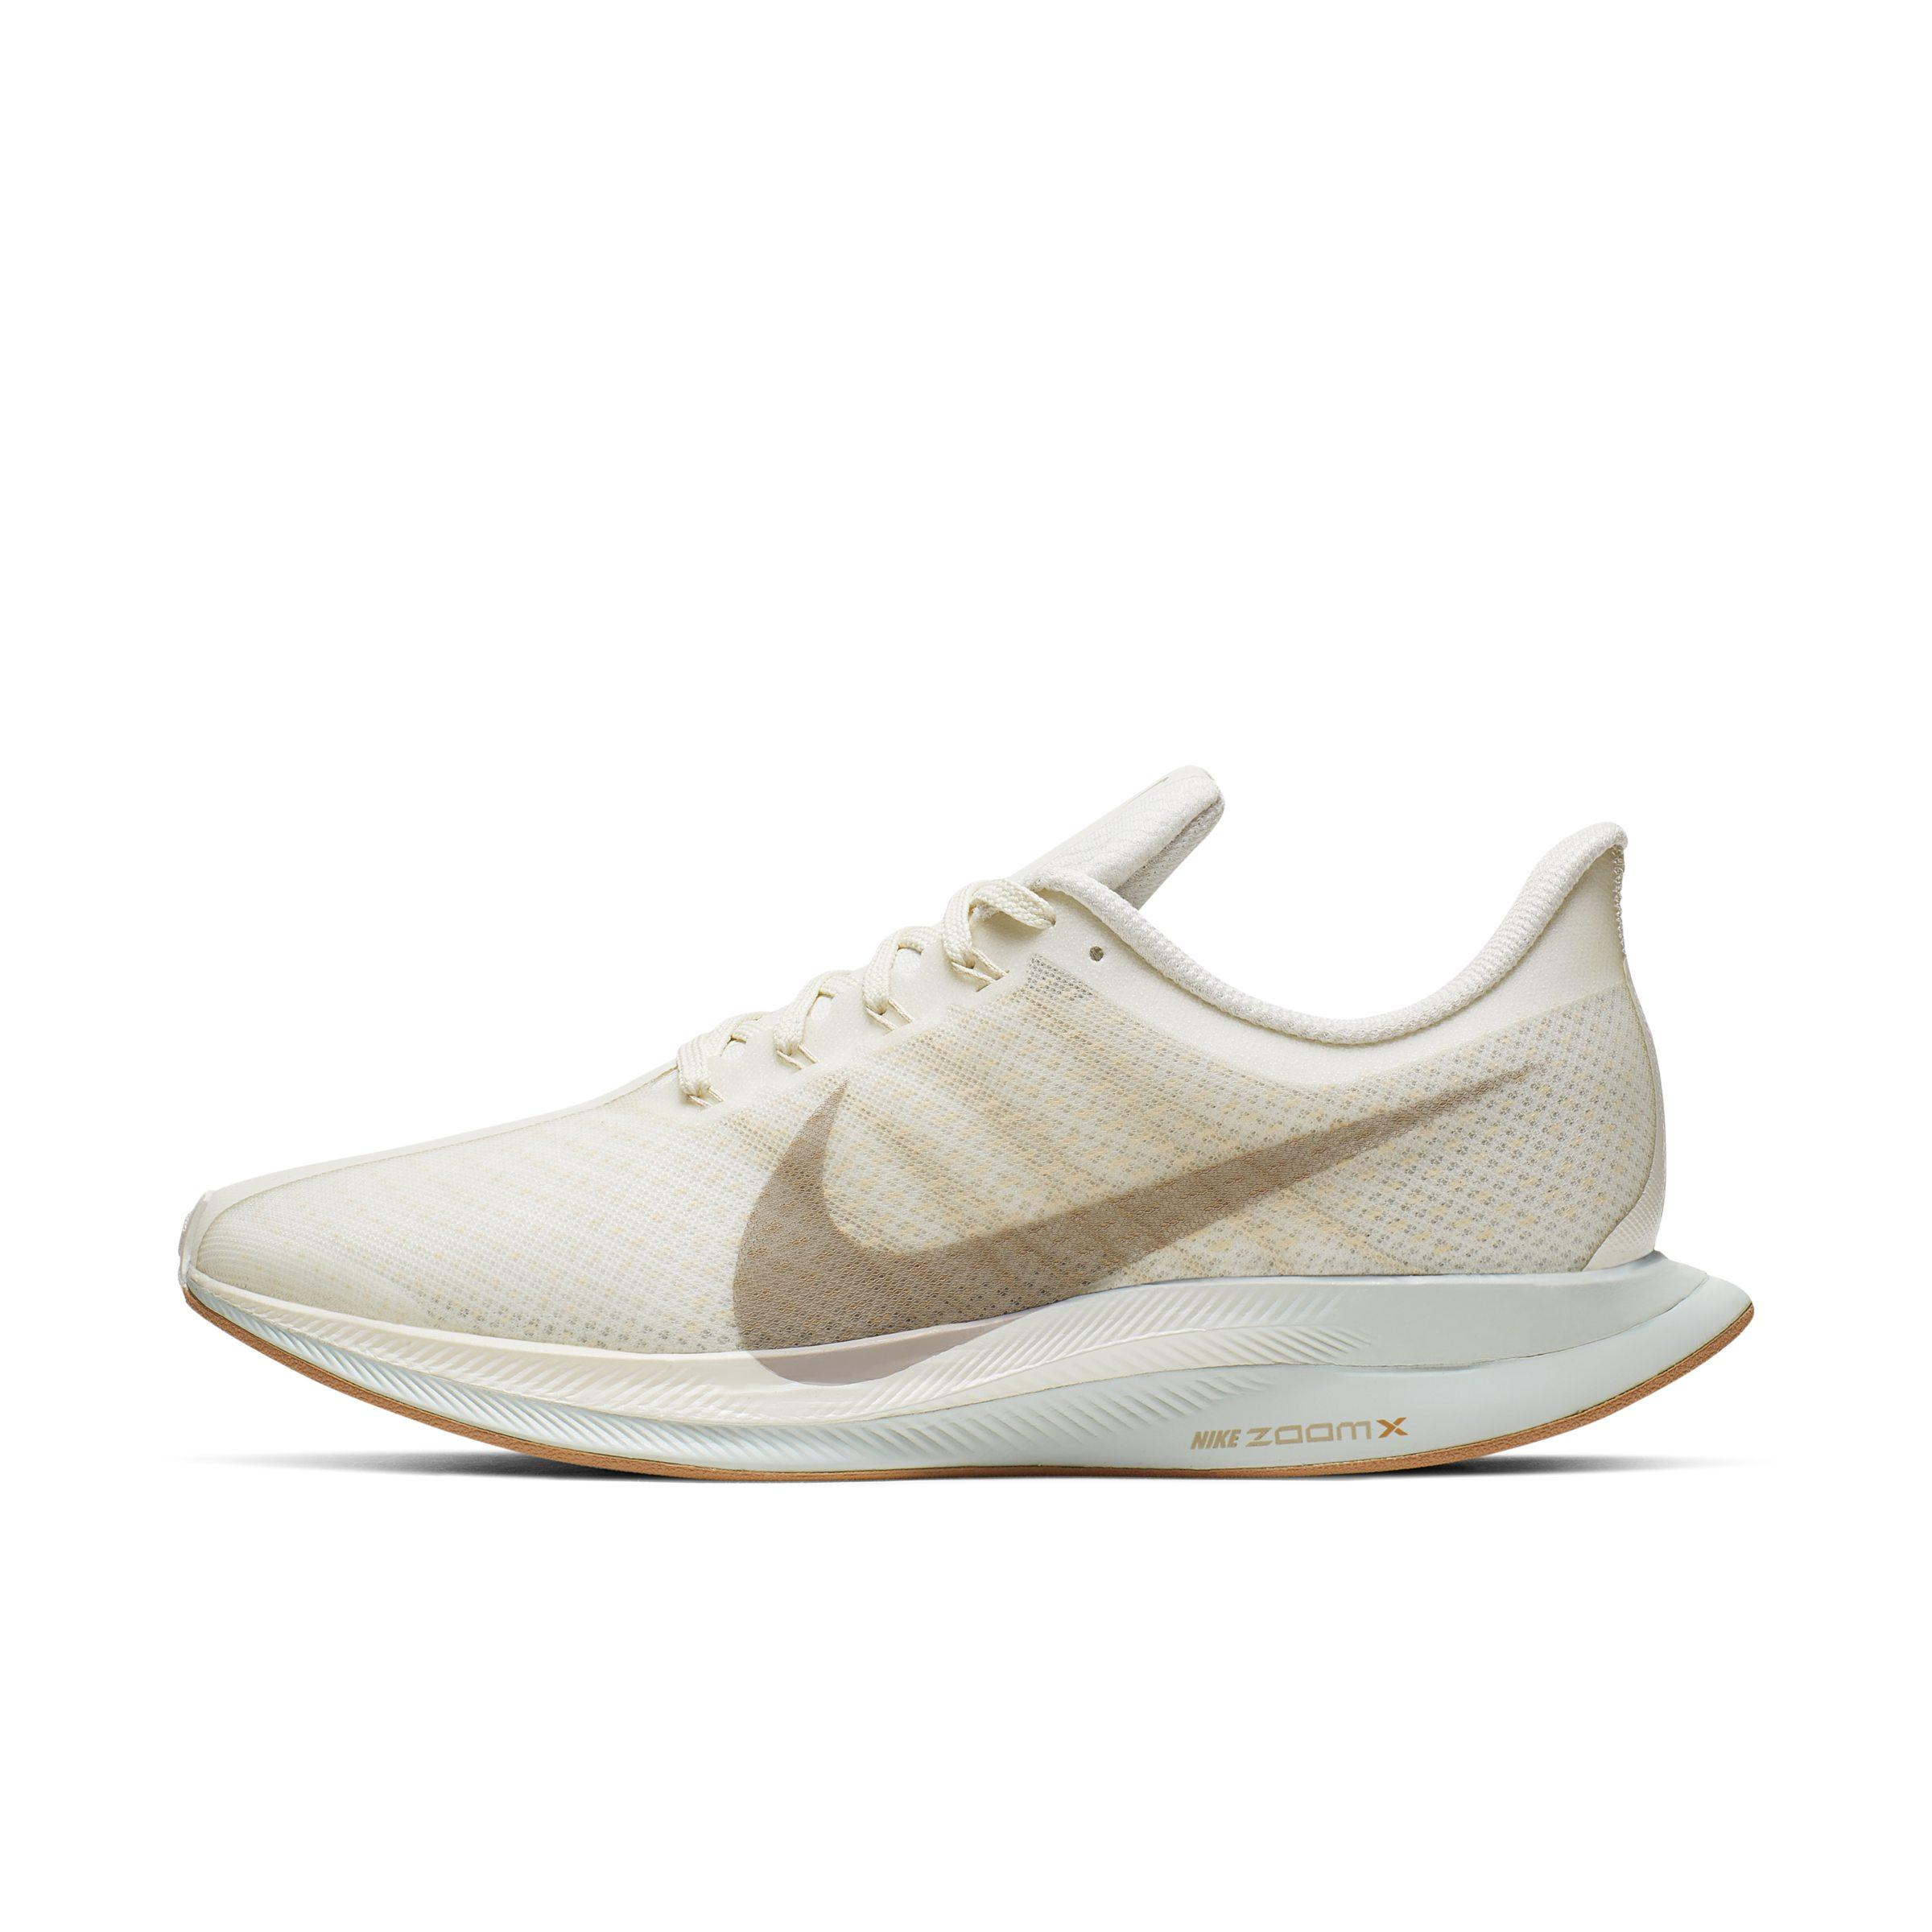 3dc03a29fec5b Nike. Women s Zoom Pegasus Turbo Running Shoe